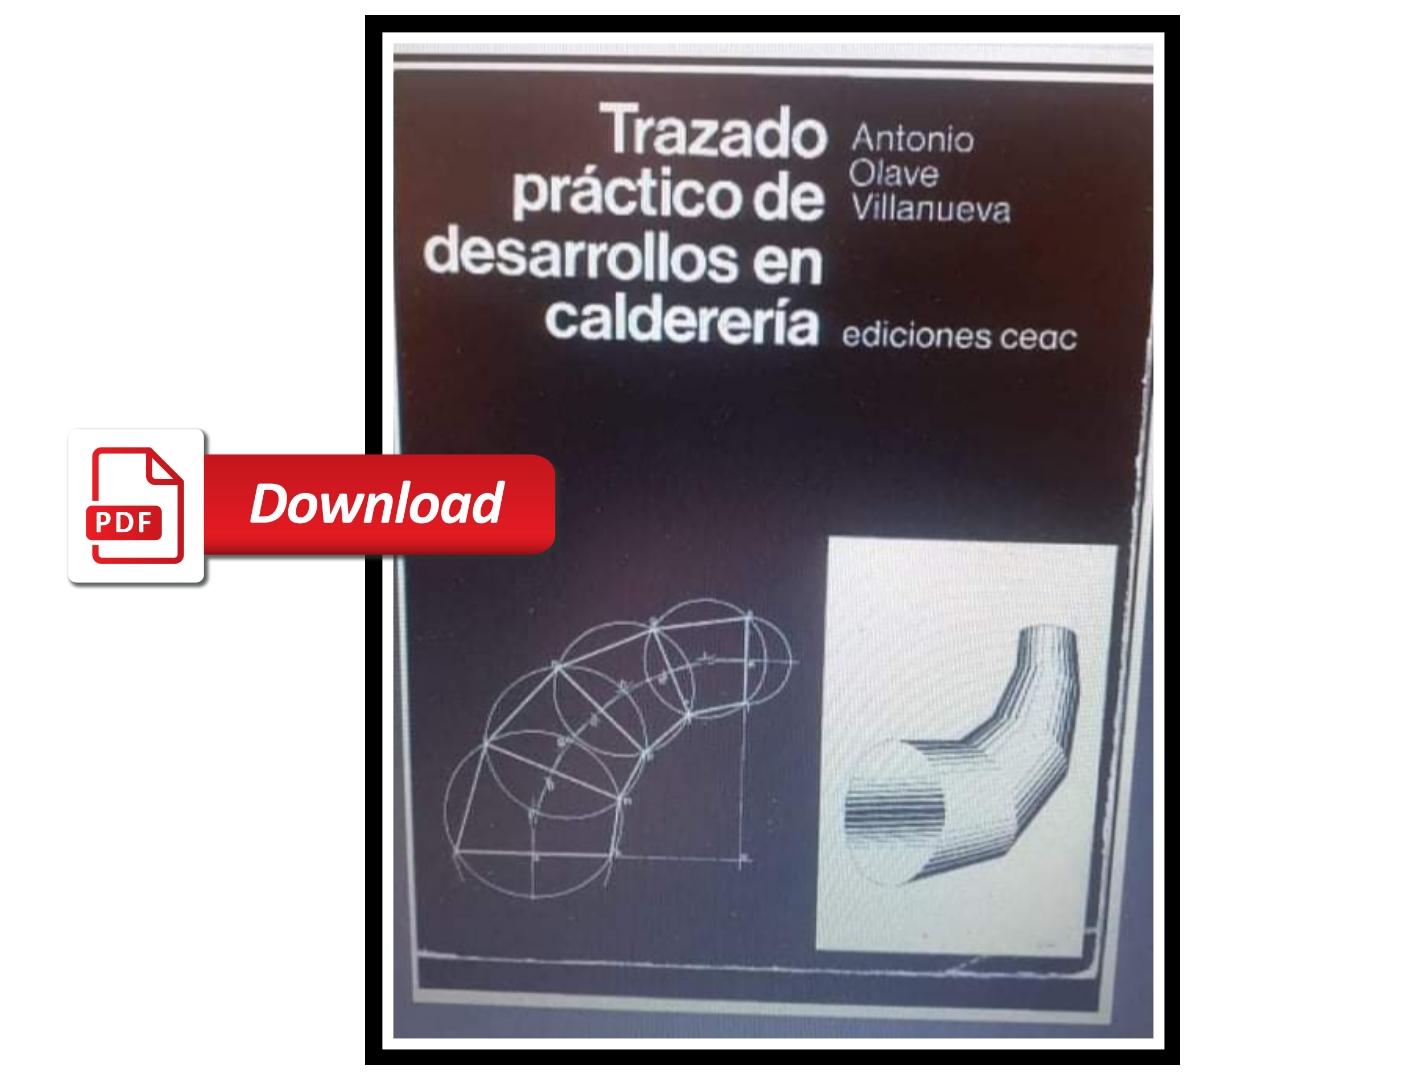 Descarga Gratis Trazado Práctico De Desarrollos En Caldereria Pdf Calderería Y Soldadura